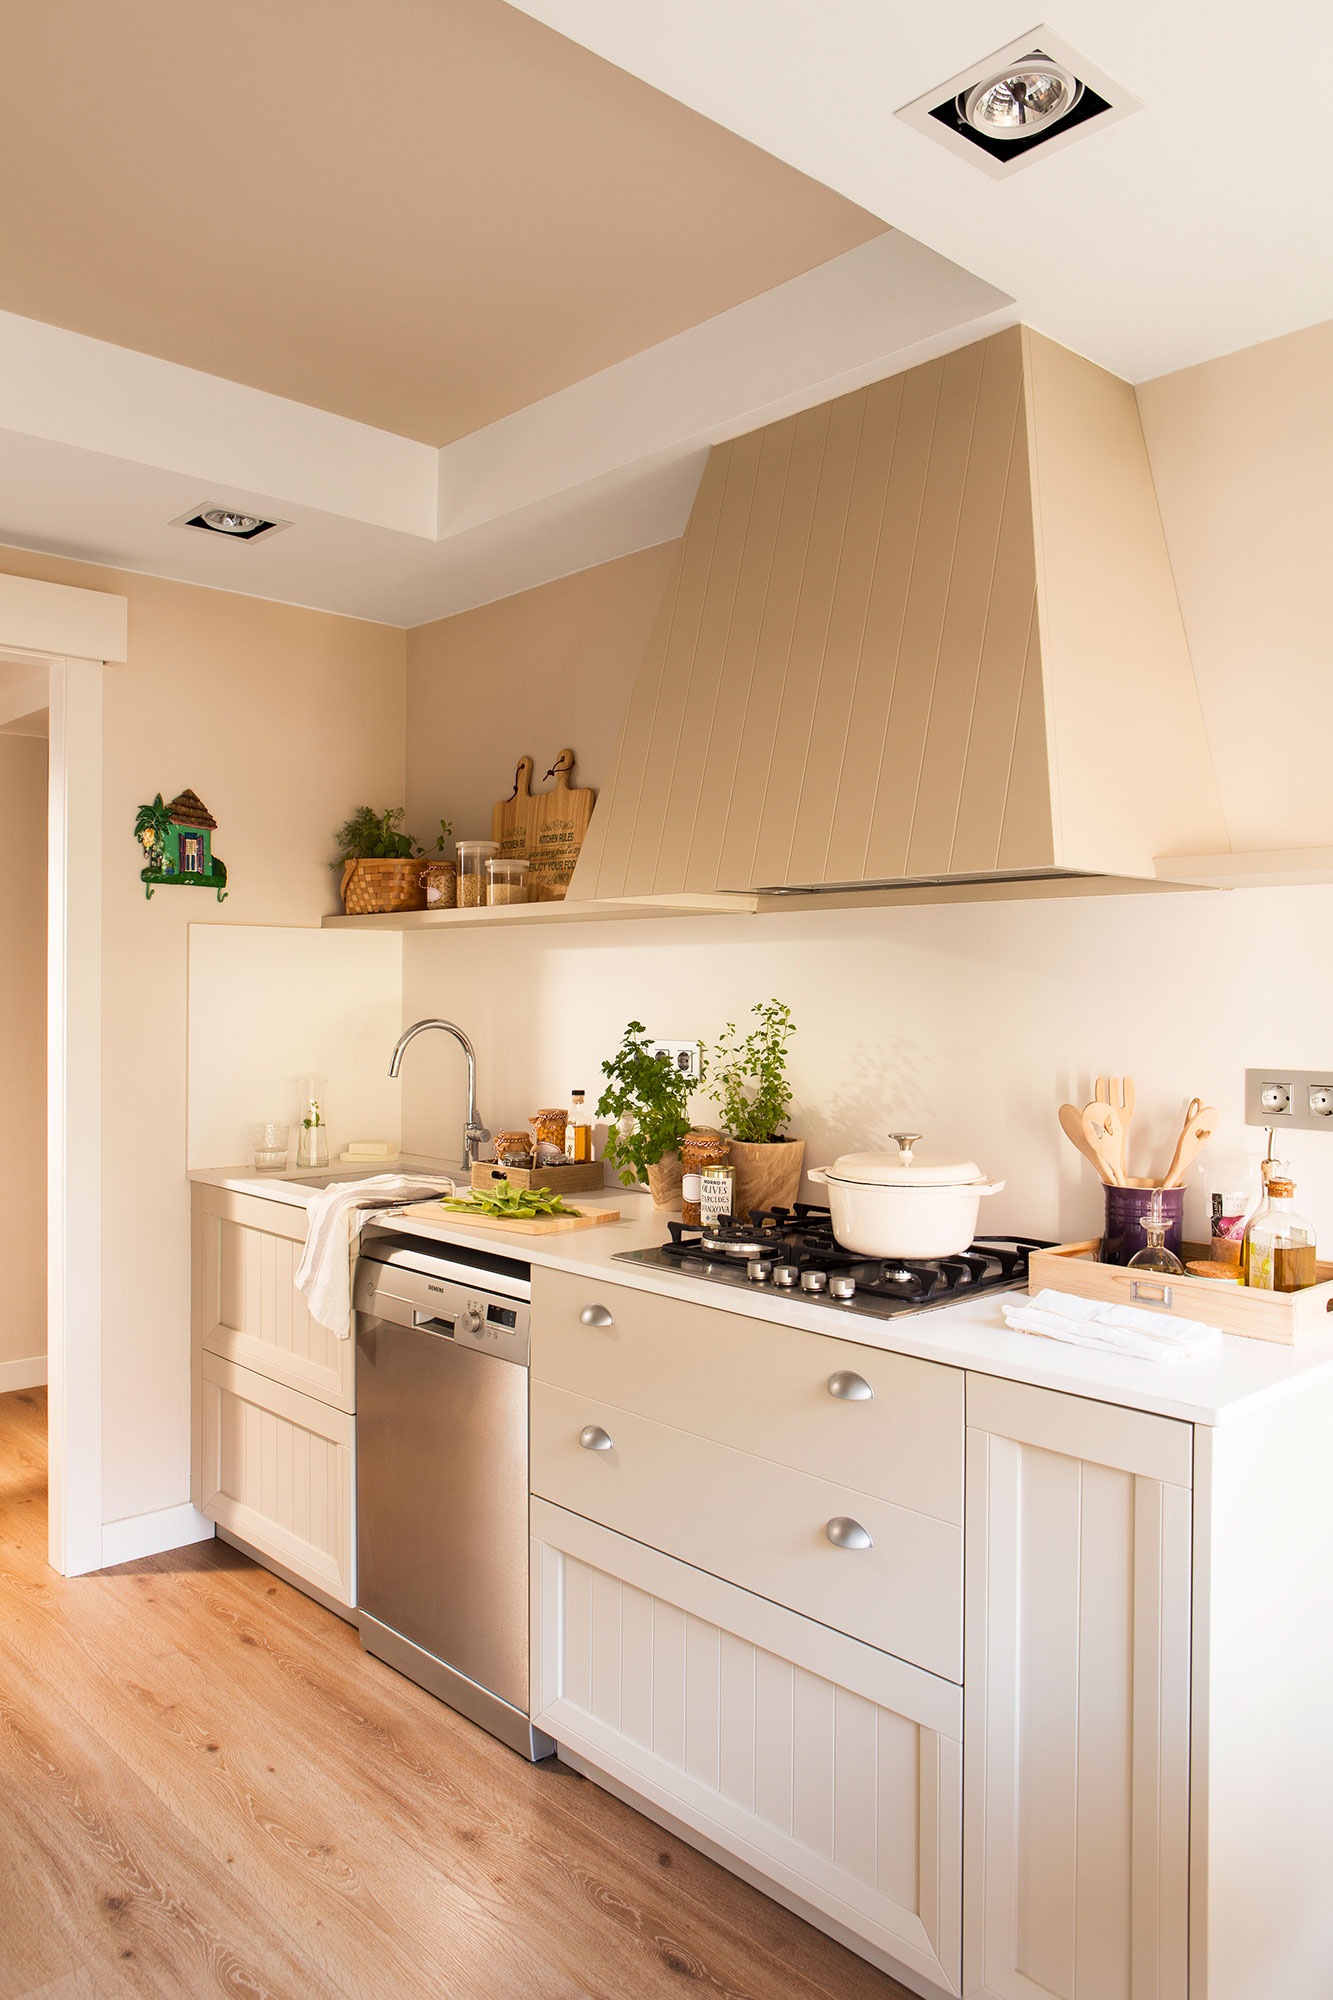 Renovar la cocina sin obras 10 reformas low cost for Ideas para reformar cocina alargada